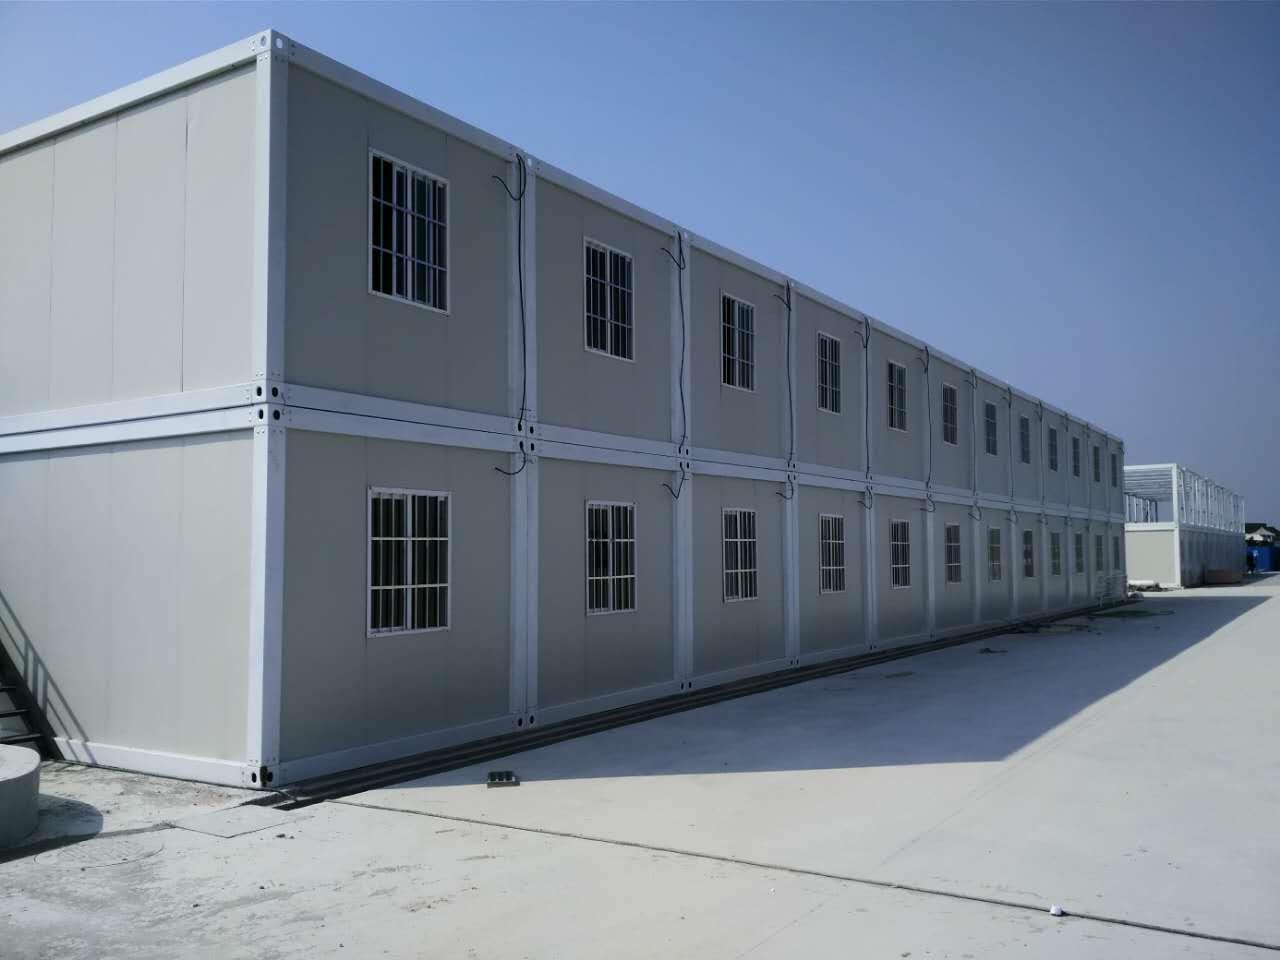 谁说集装箱只能装货?住人集装箱,将成为自建房屋新趋势!